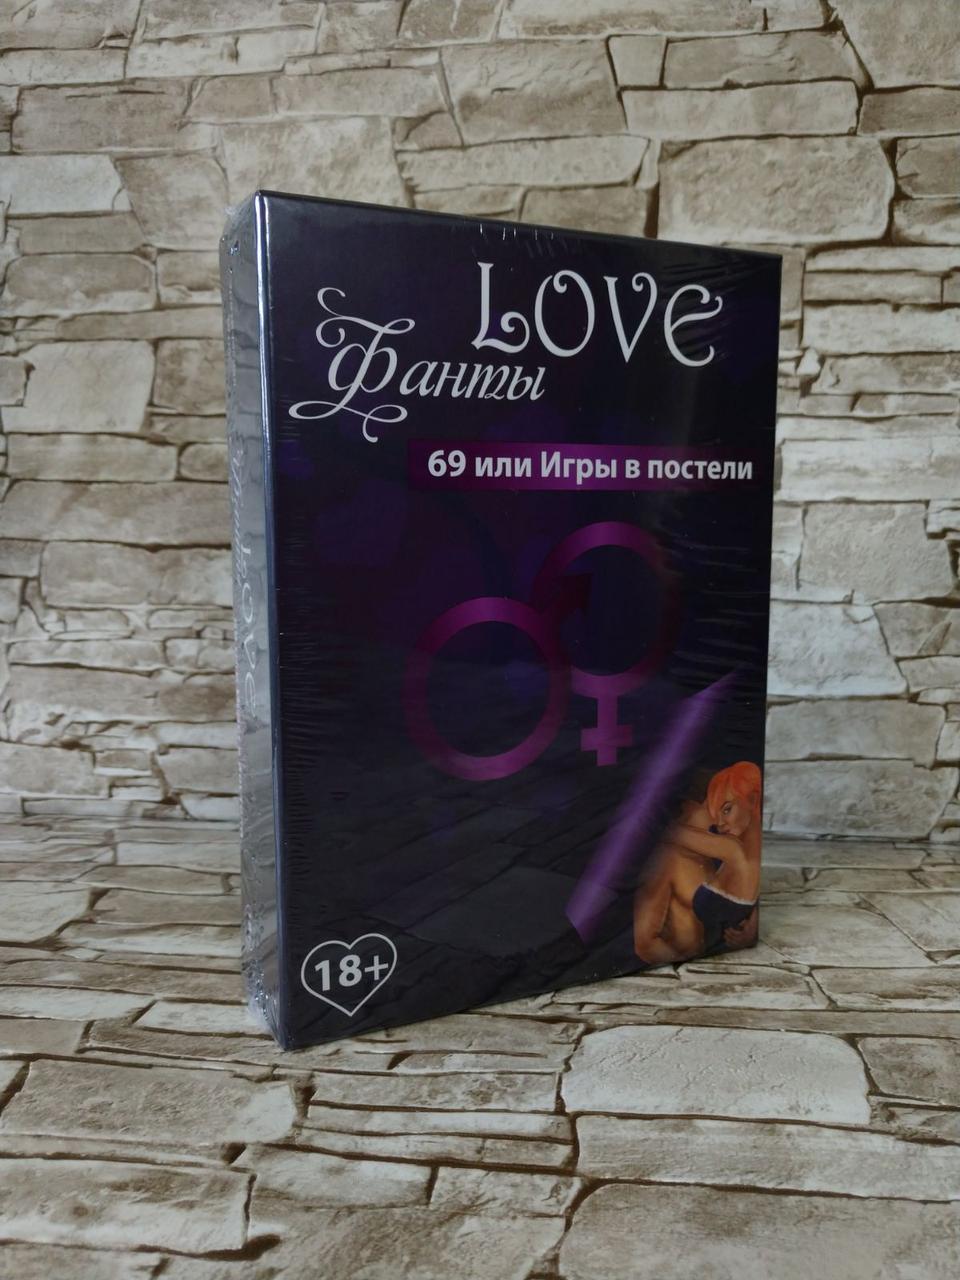 Настольная игра для пары «LOVE ФАНТЫ: 69 ИЛИ ИГРЫ В ПОСТЕЛИ»